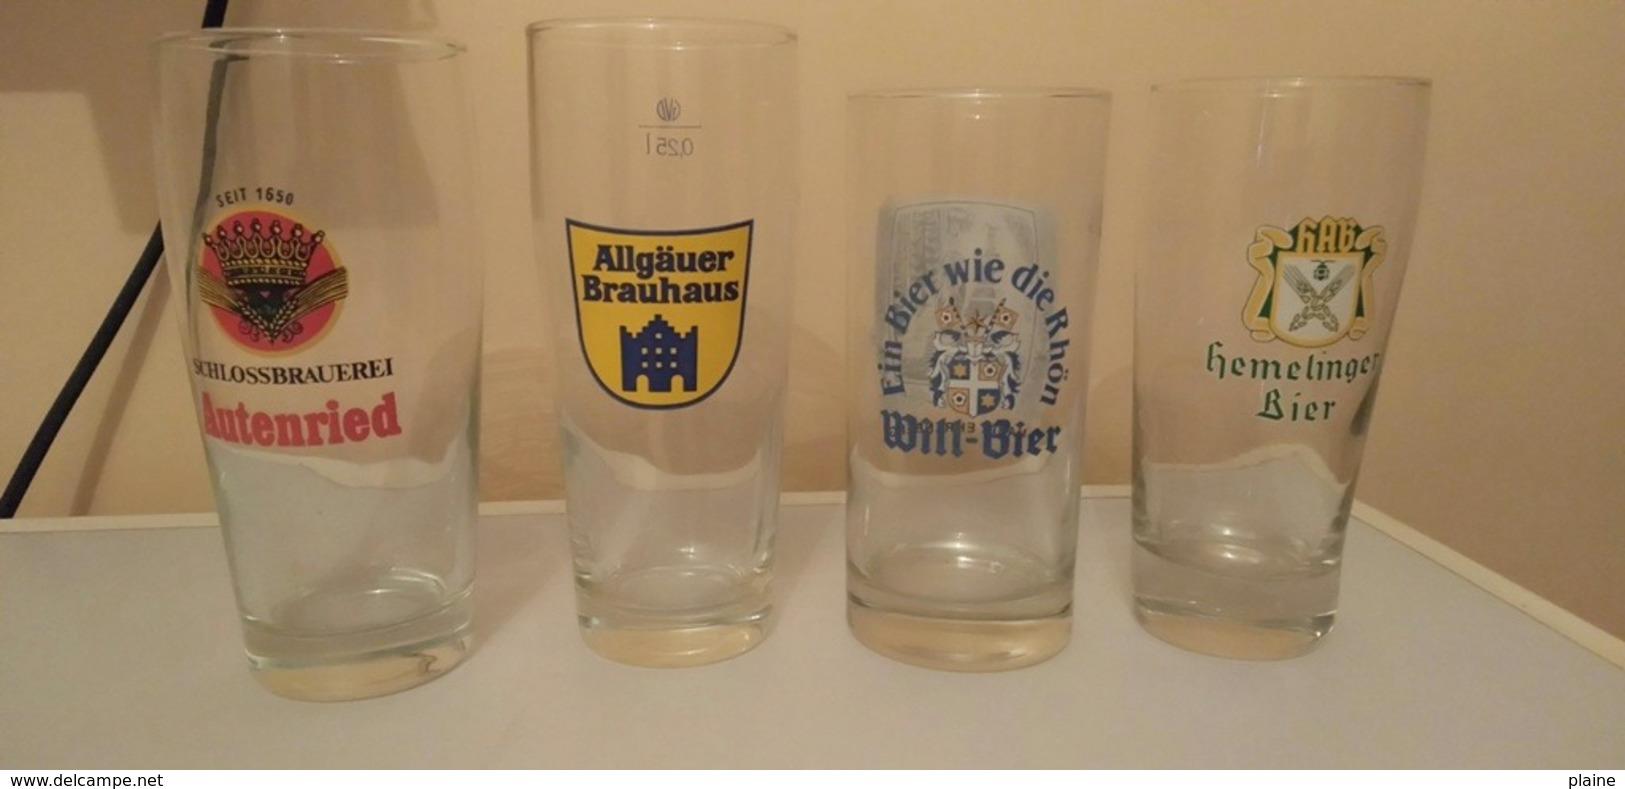 VERRES-BIERE-HEMELINGER-WILL-BIER-AUTENRIED-BRAUHAUS ALGAUER - Gläser